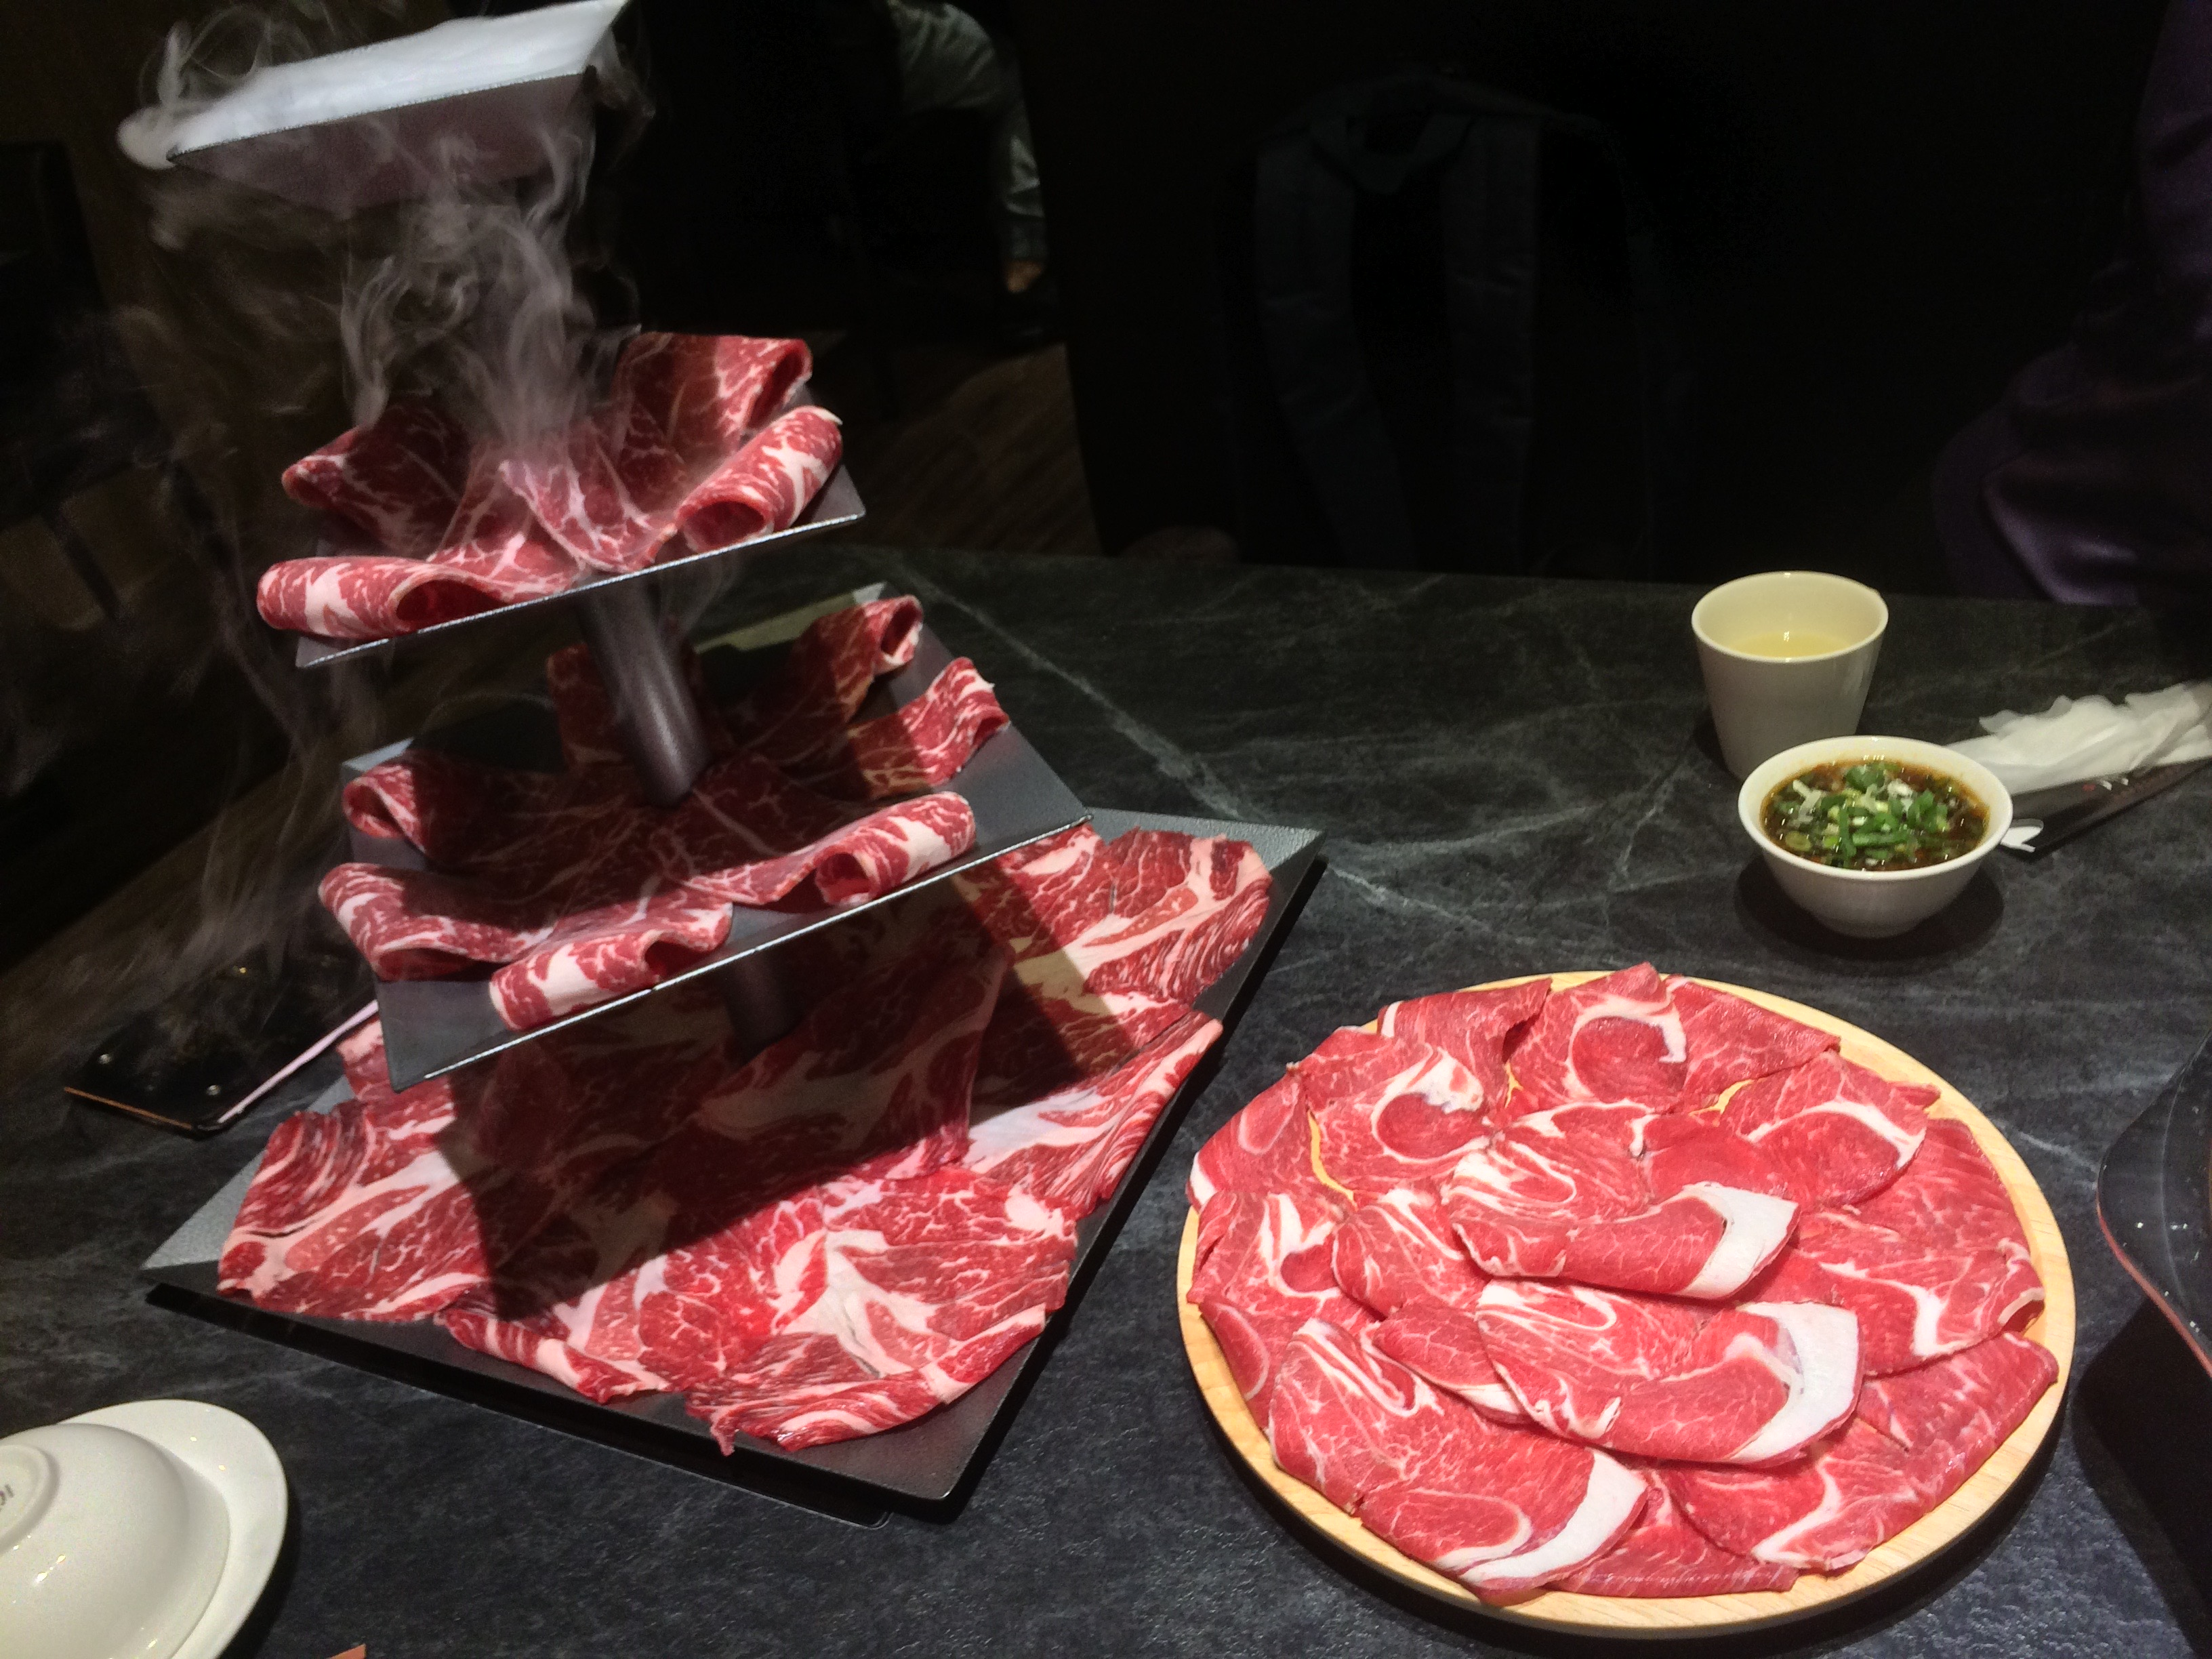 [ 科科食記 ] 捌圓堂 和牛龍蝦帝王蟹鍋物專賣店(天母新光店)